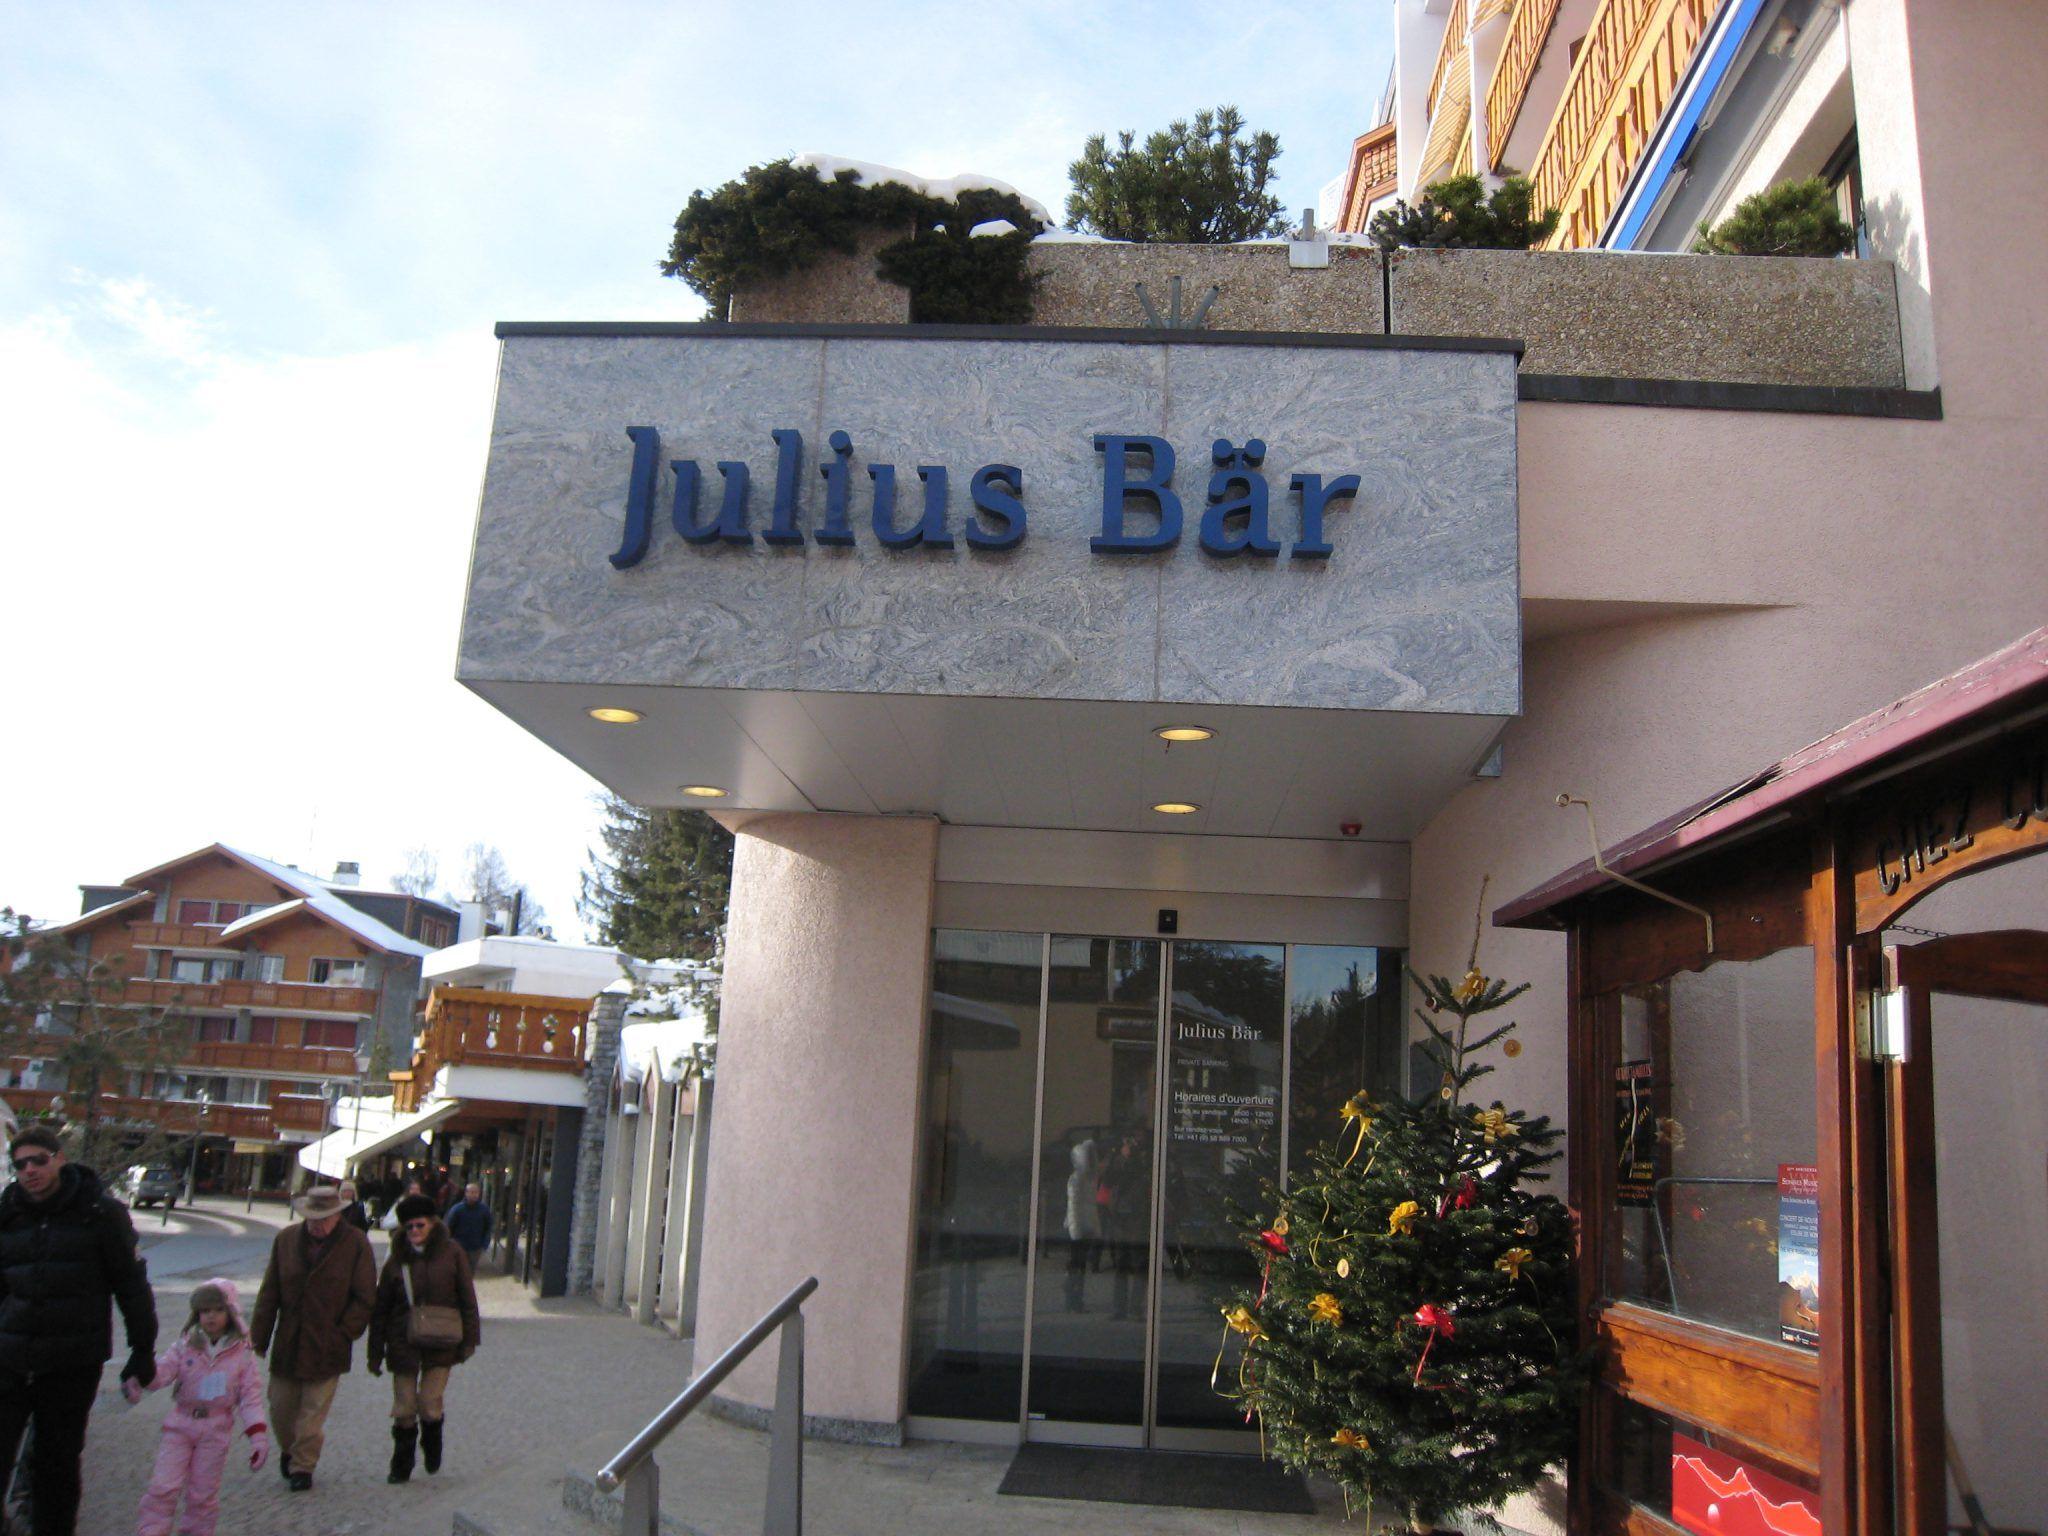 FINMA обвиняет Julius Baer в содействии отмыванию денег